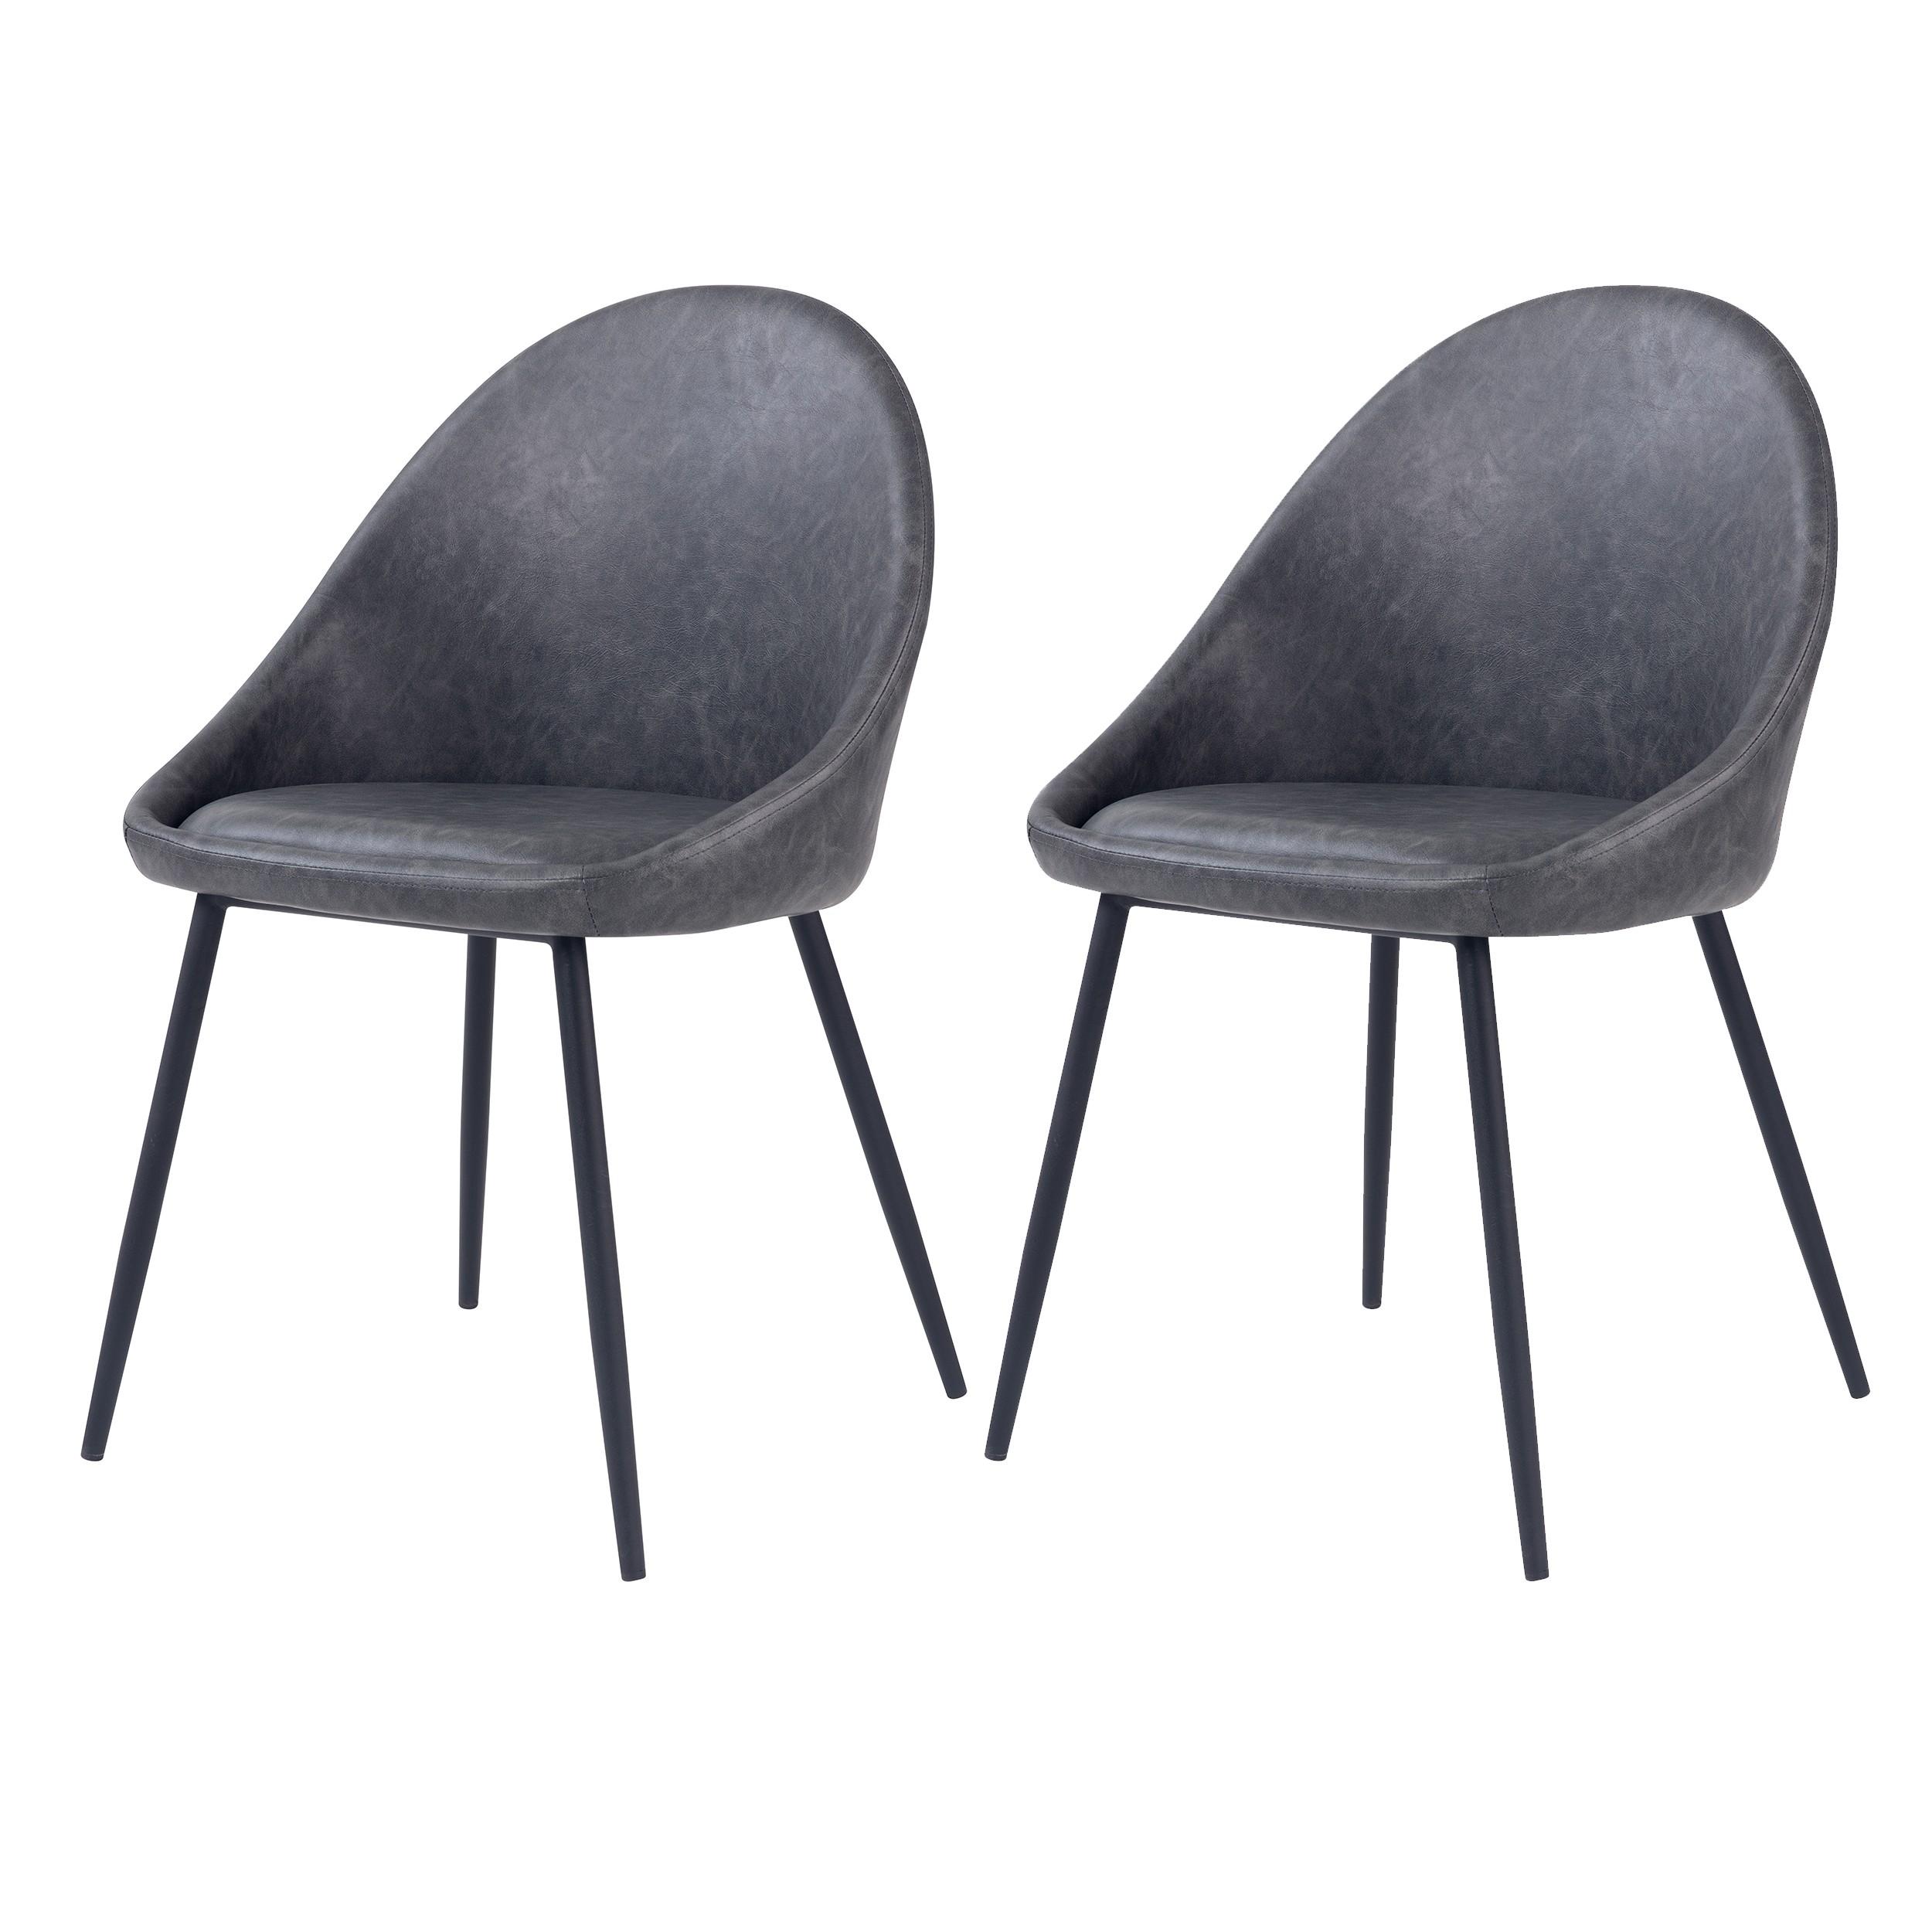 acheter chaise grise fonce en simili cuir